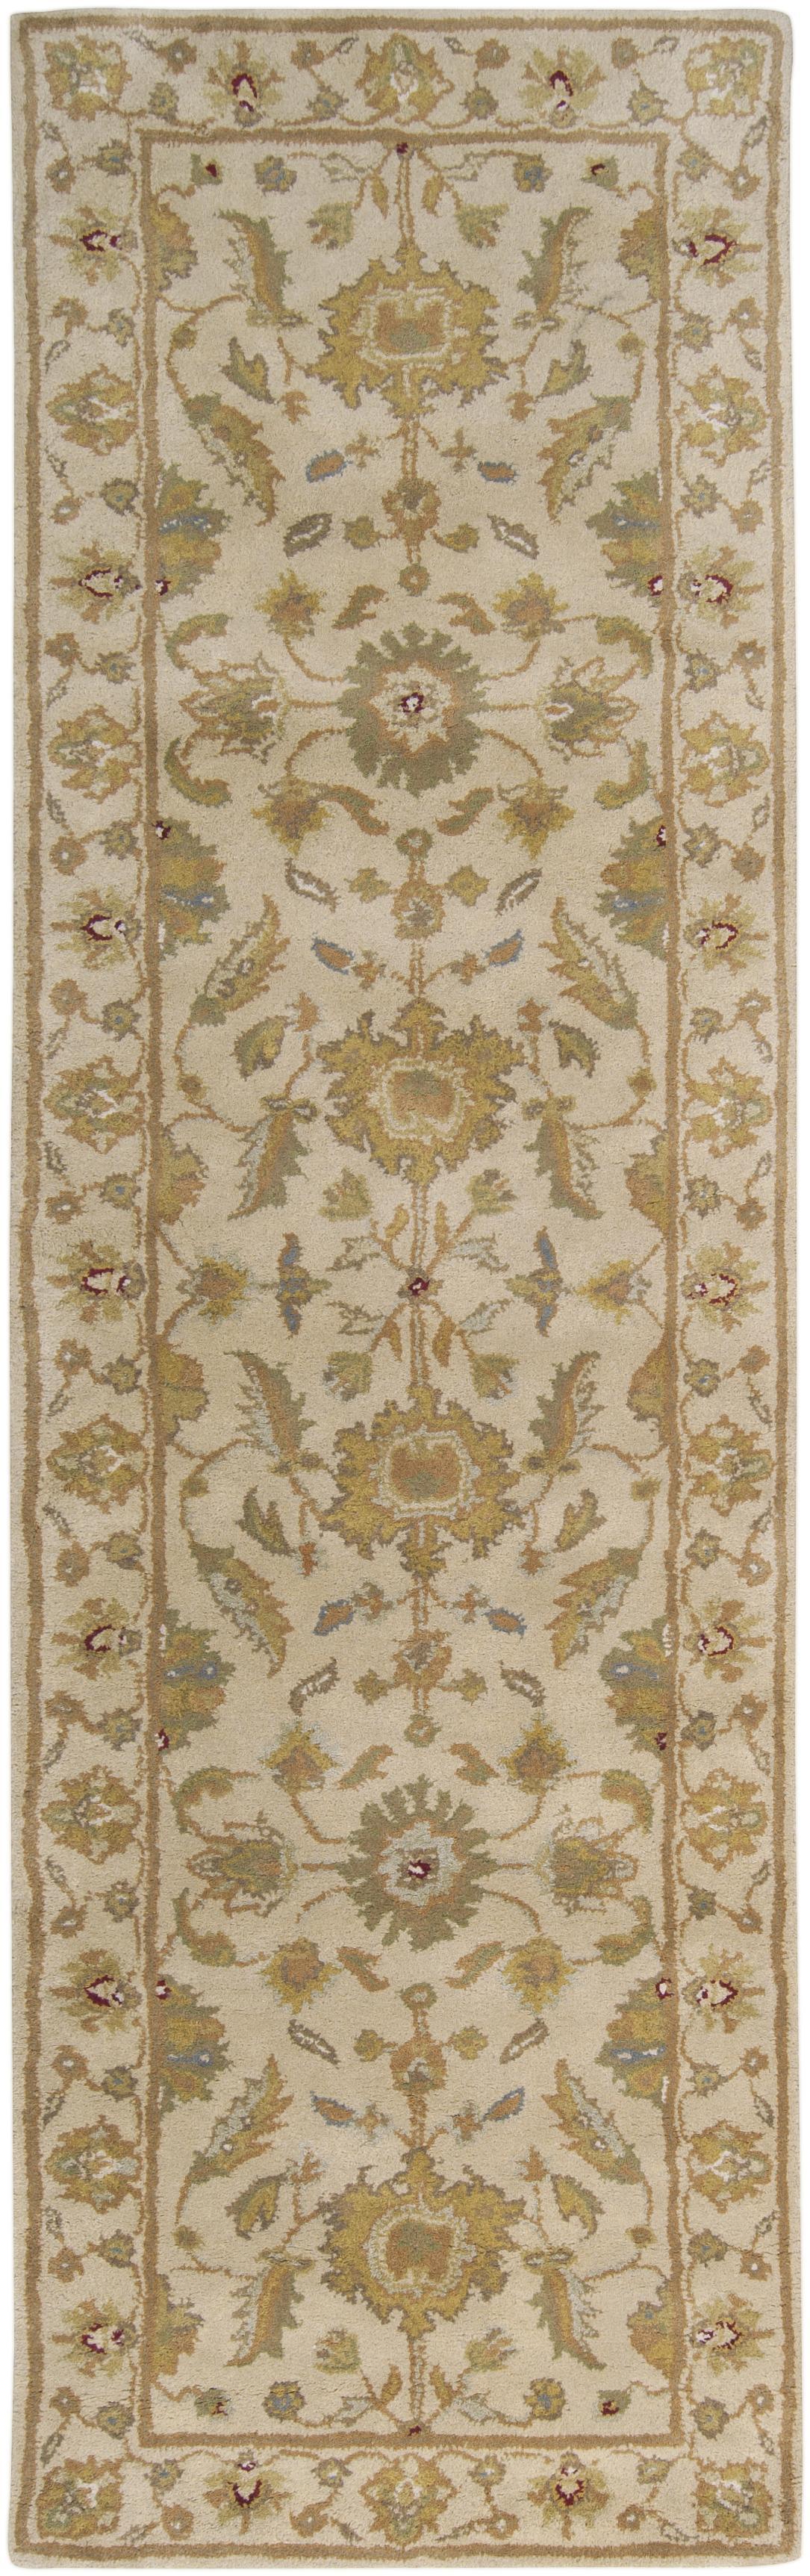 Surya Rugs Crowne 3' x 12' - Item Number: CRN6011-312